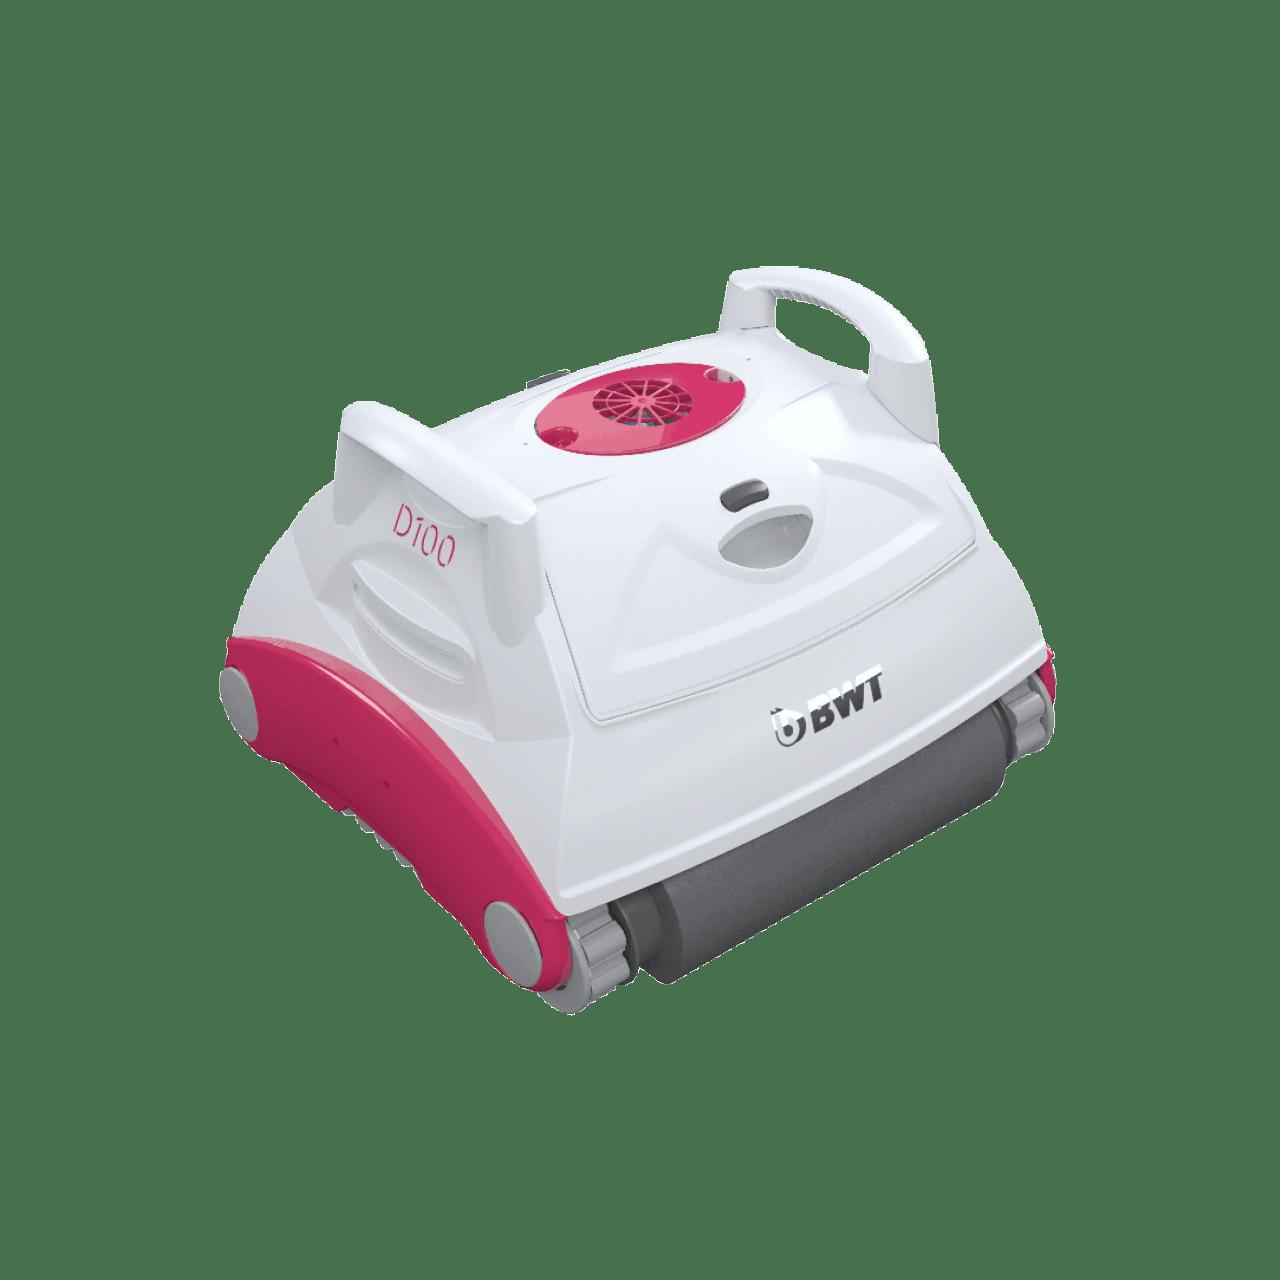 BWT Poolroboter D100  Bodenreiniger